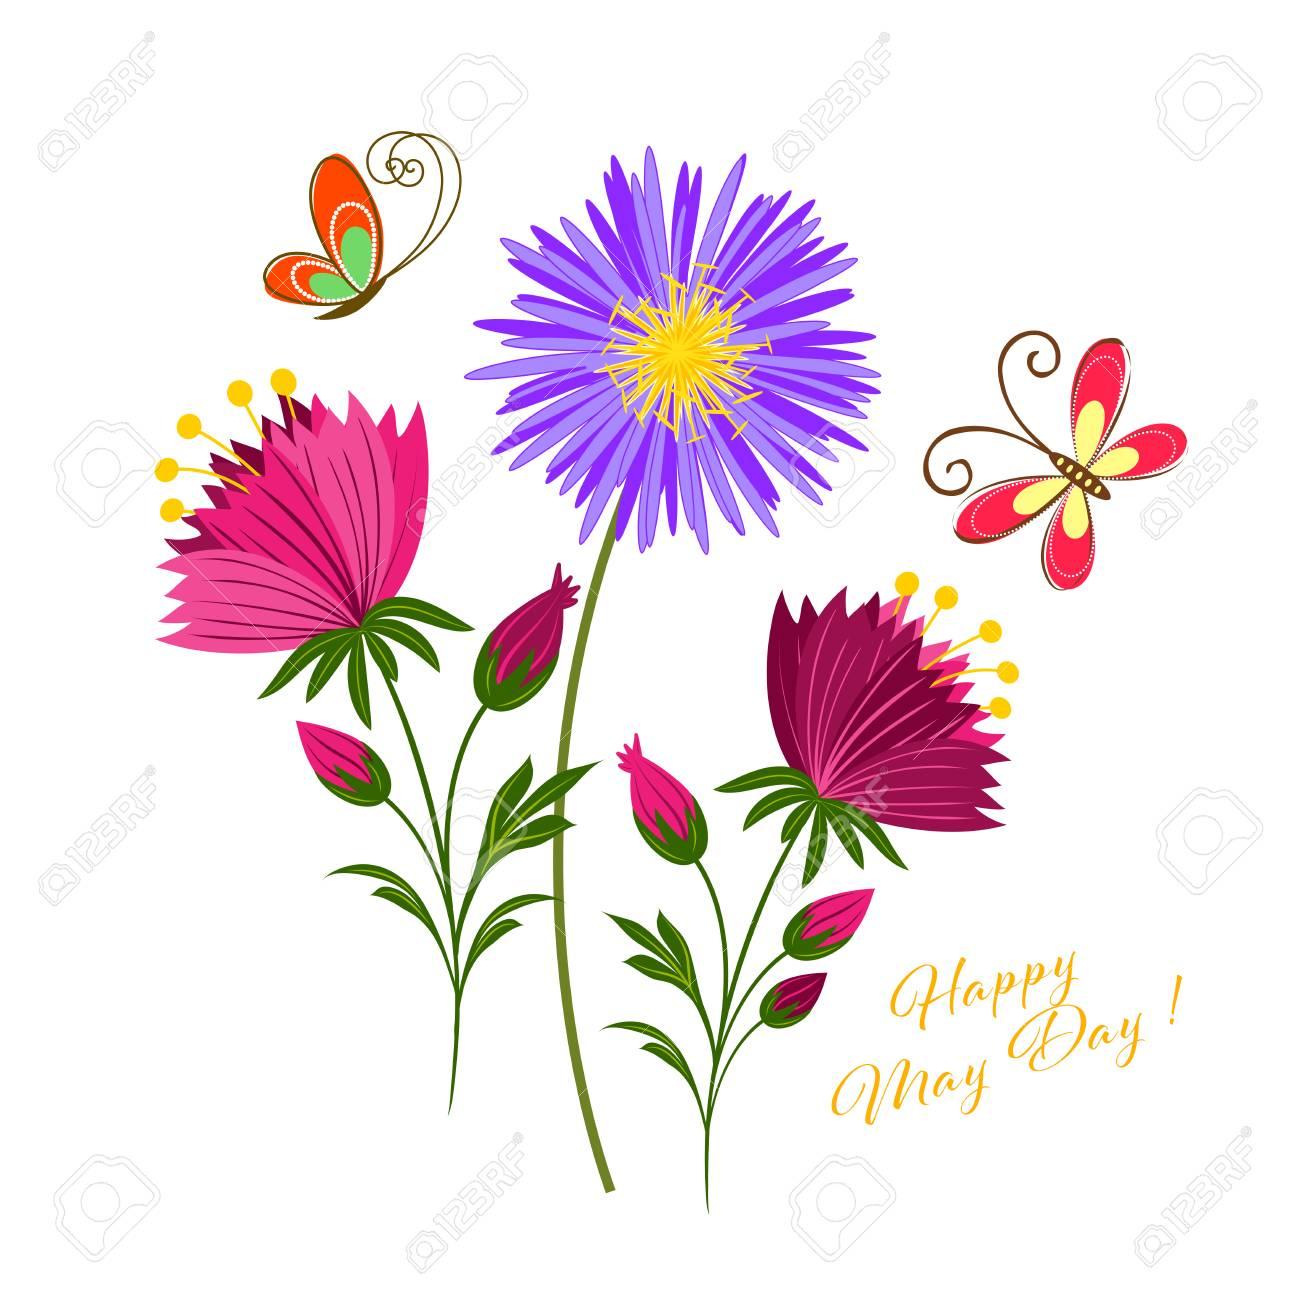 5 月 1 日カラフルな花と蝶背景のイラスト素材ベクタ Image 77717505